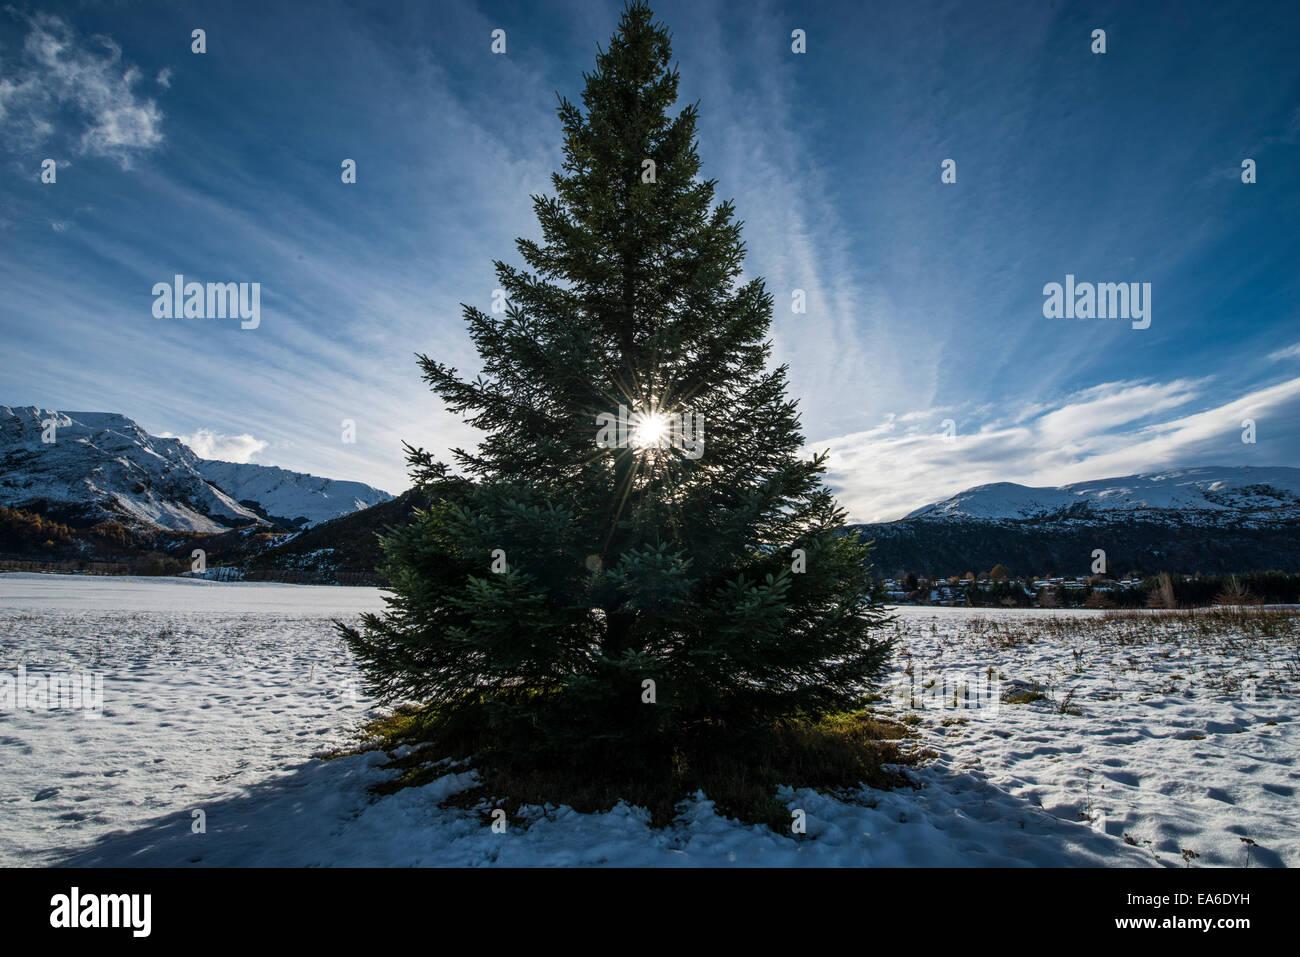 Tannenbaum Mit Schneefall.Tannenbaum Im Schnee Stockfoto Bild 75130709 Alamy